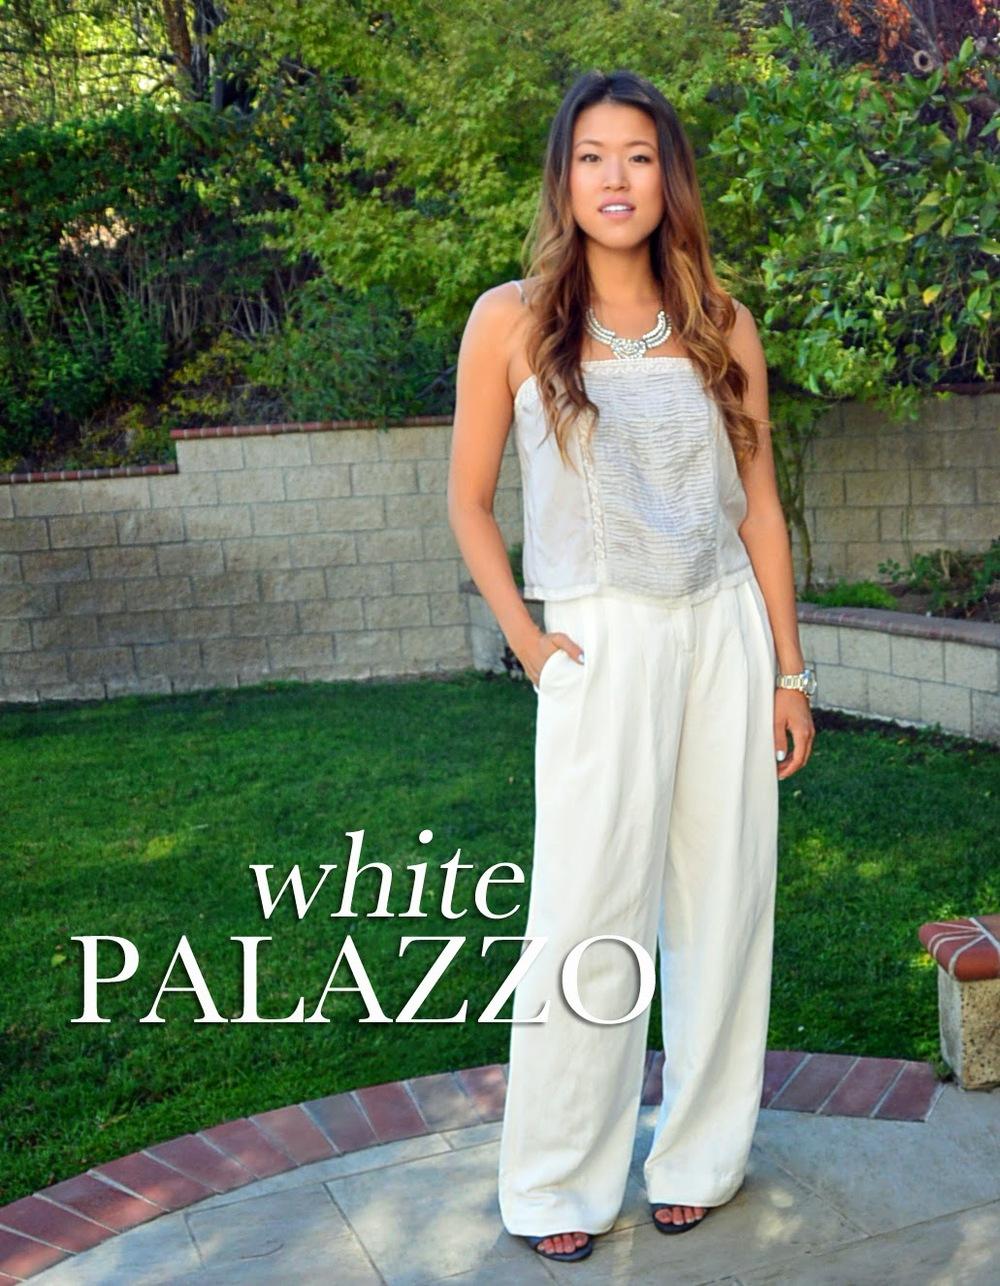 WhitePalazzoCover.jpg